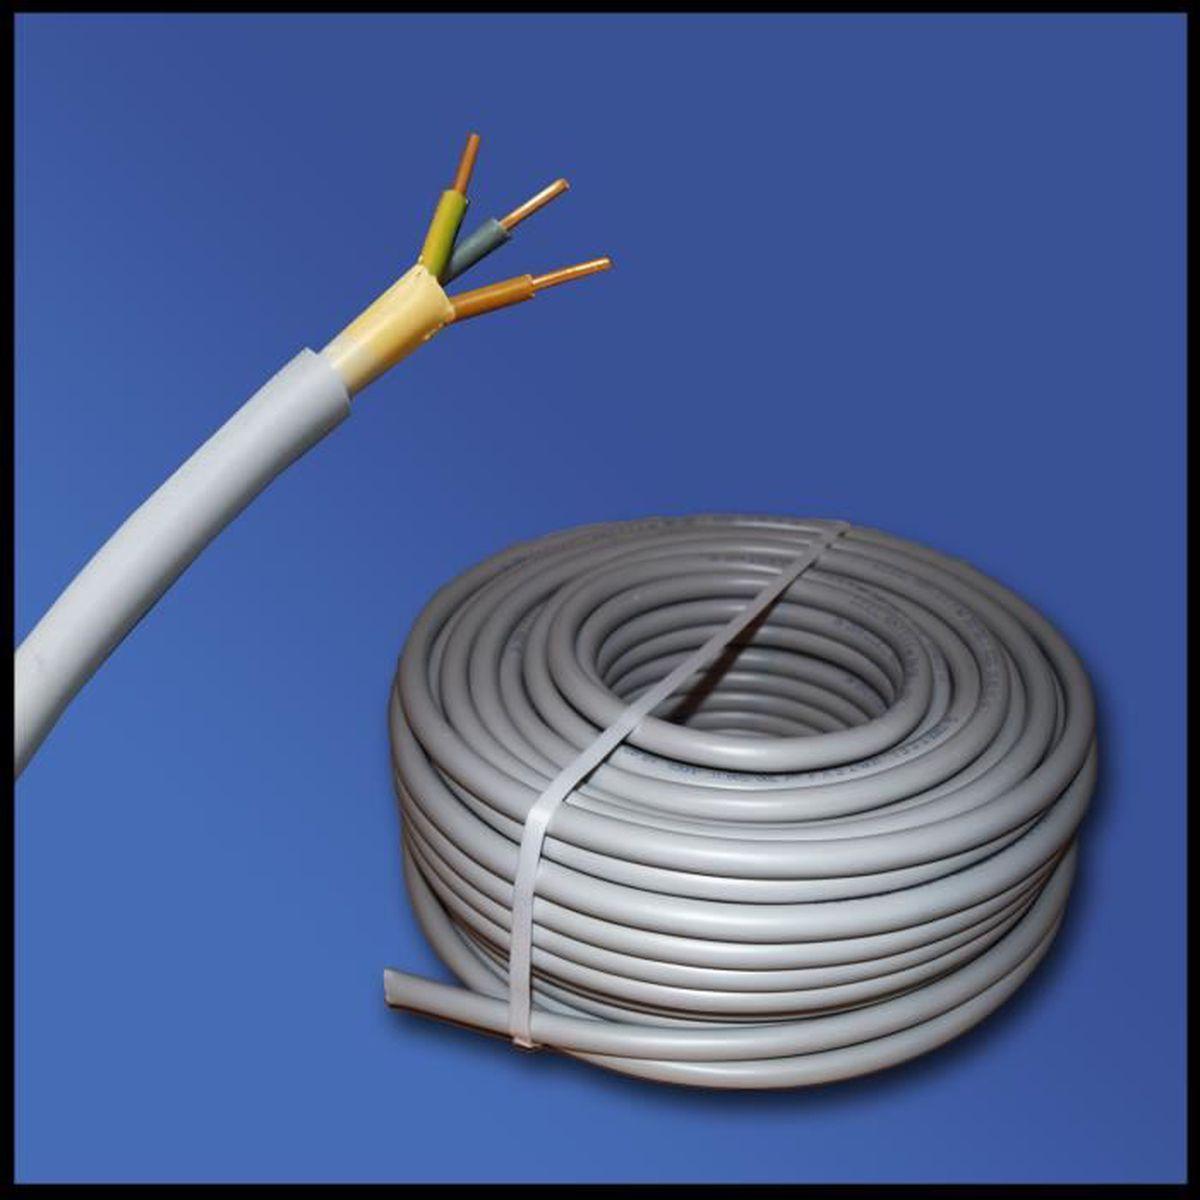 C/âble souterrain NYY-J avec 3 brins de 1,5/mm/² Pour circuit de courant fort Vendu au m/ètre Ligne de terre en/PVC noir 35 m 25 m 50 m Exemple:20 m Coupe par pas de 1 m/ètre etc